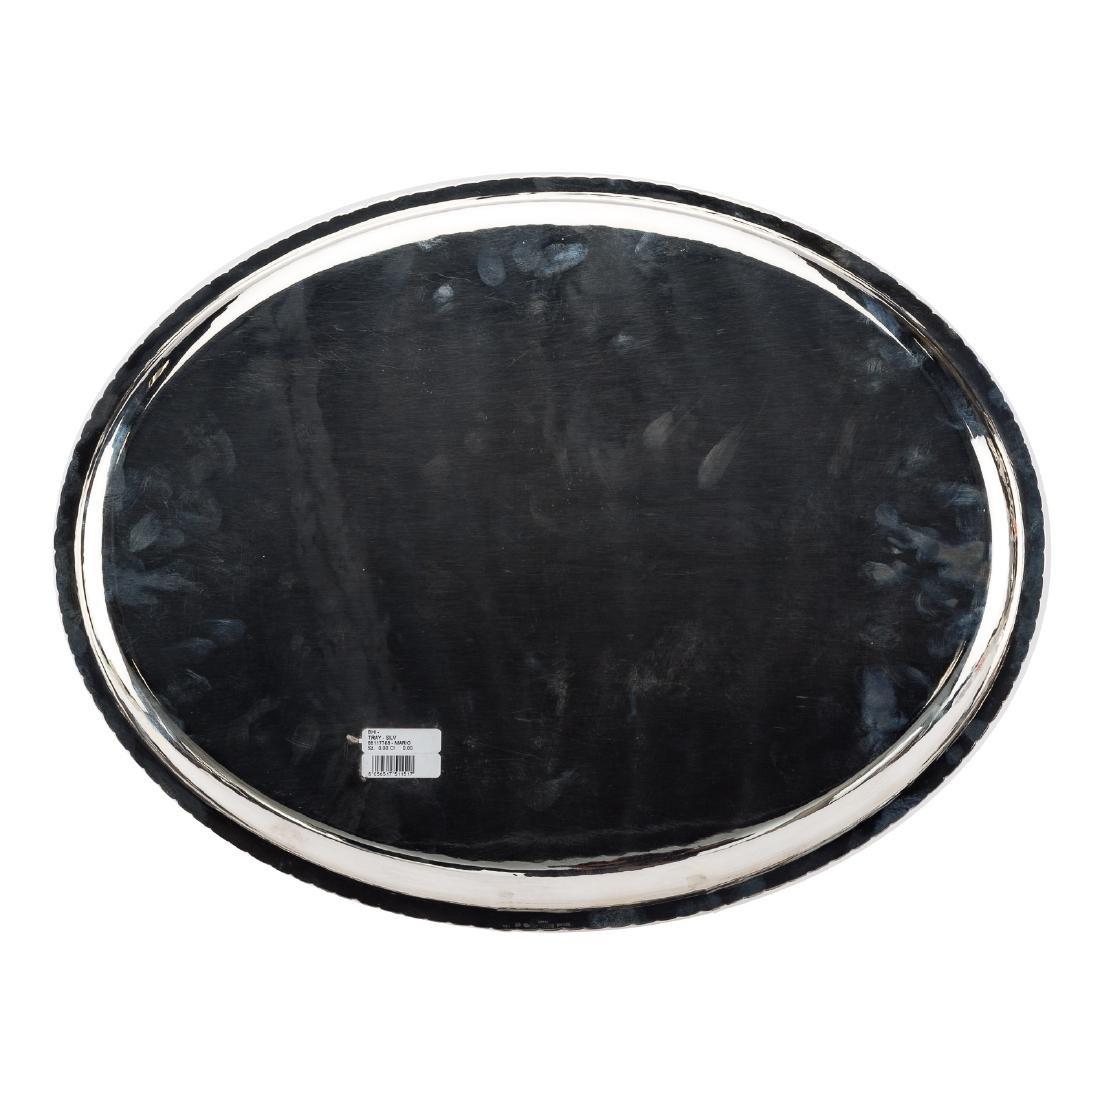 Buccellati Prestigio Mario sterling oval platter - 3